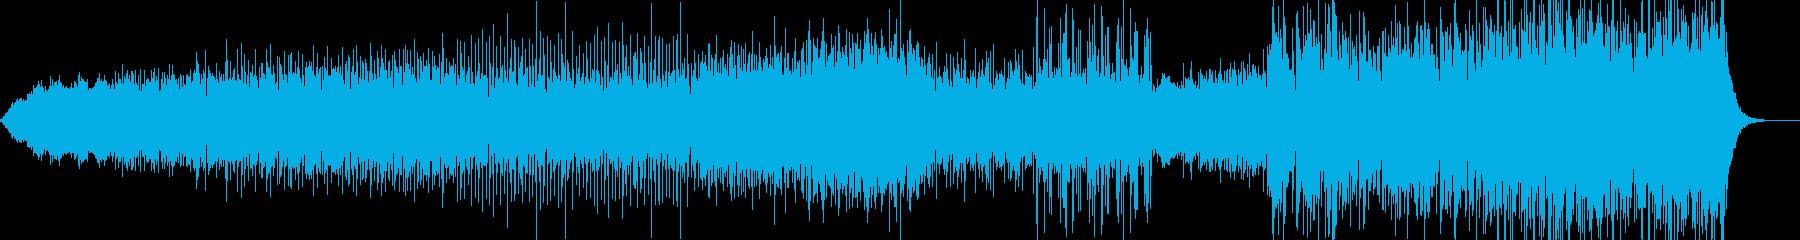 アンビエントフューチャーポップの再生済みの波形